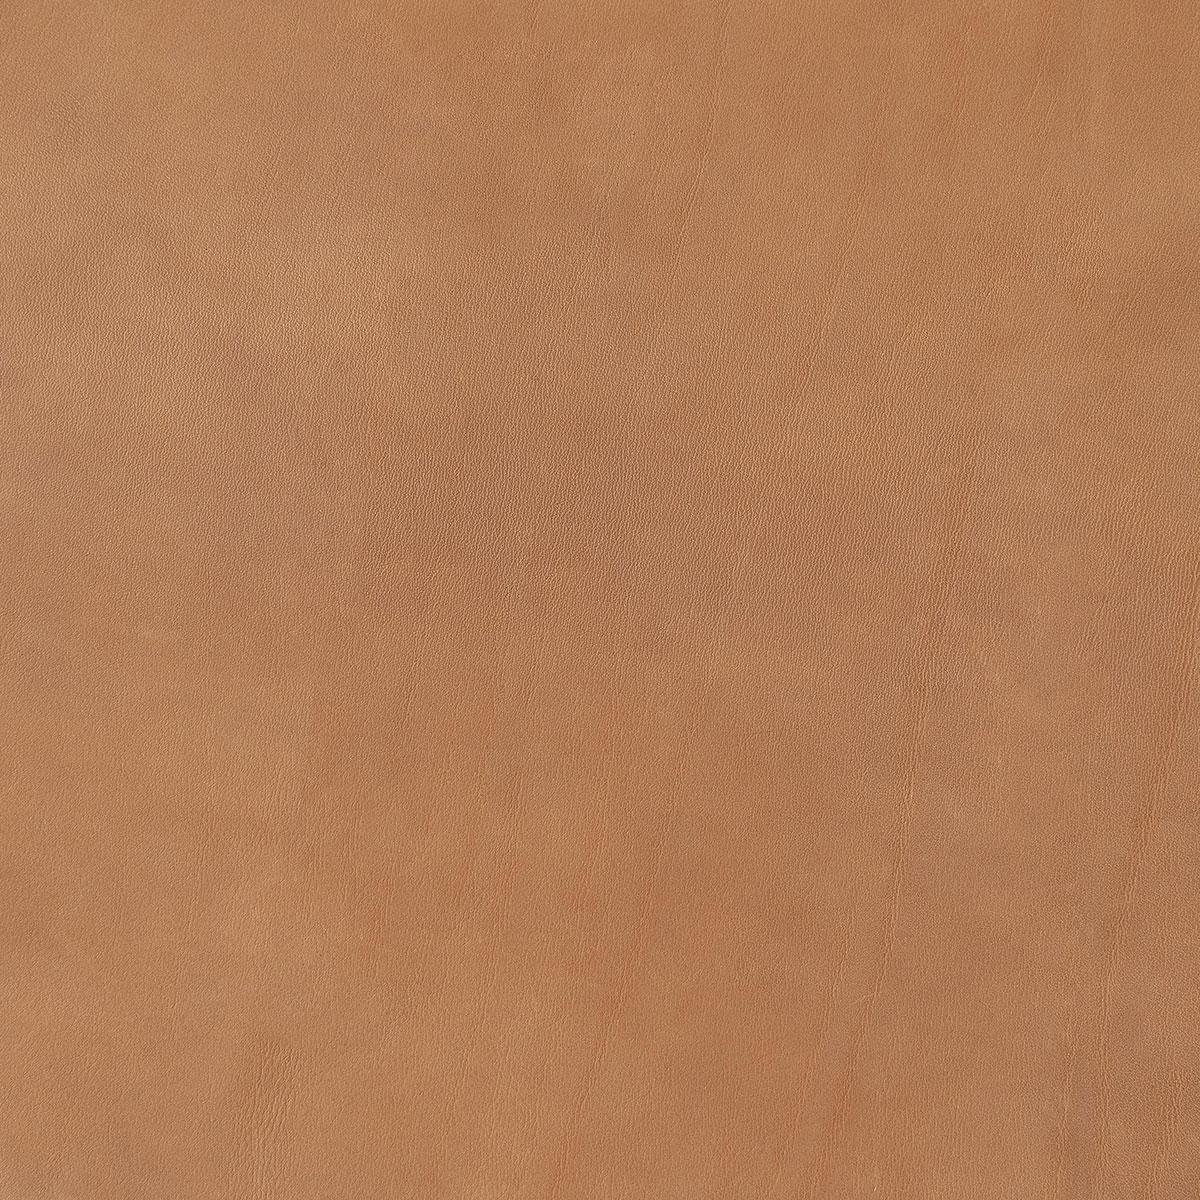 Natural leather Maralunga Maxi Sofa